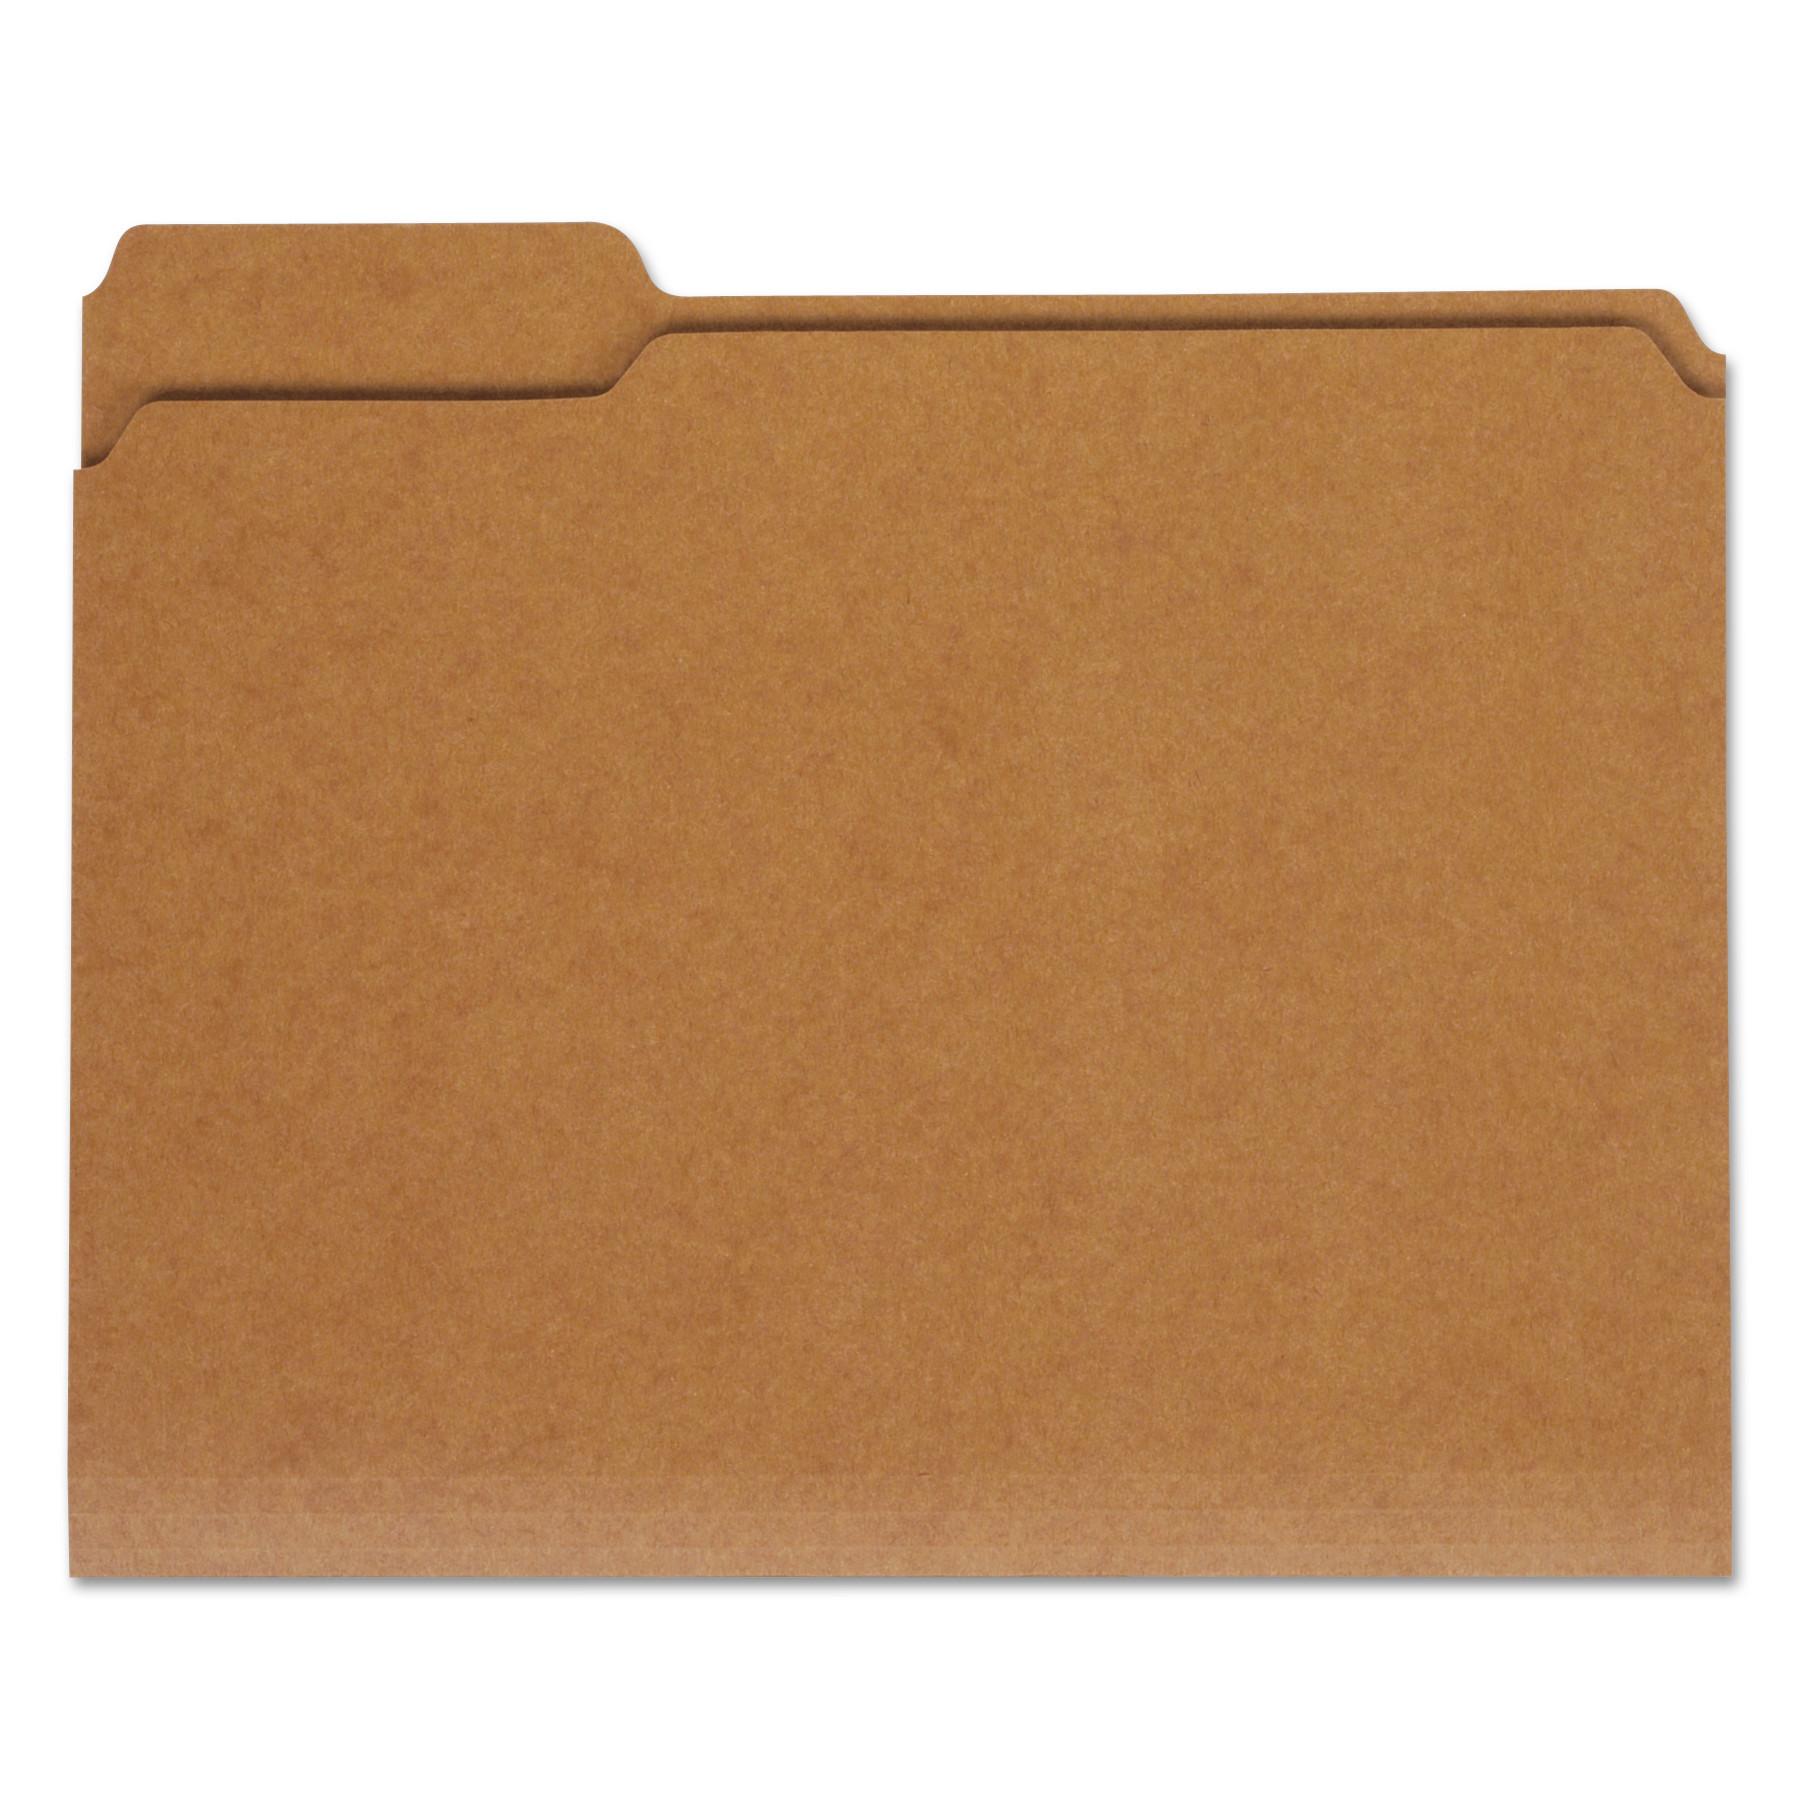 100 Pack Skilcraft Letter Size Reinforced File Folders 1//3 Cut